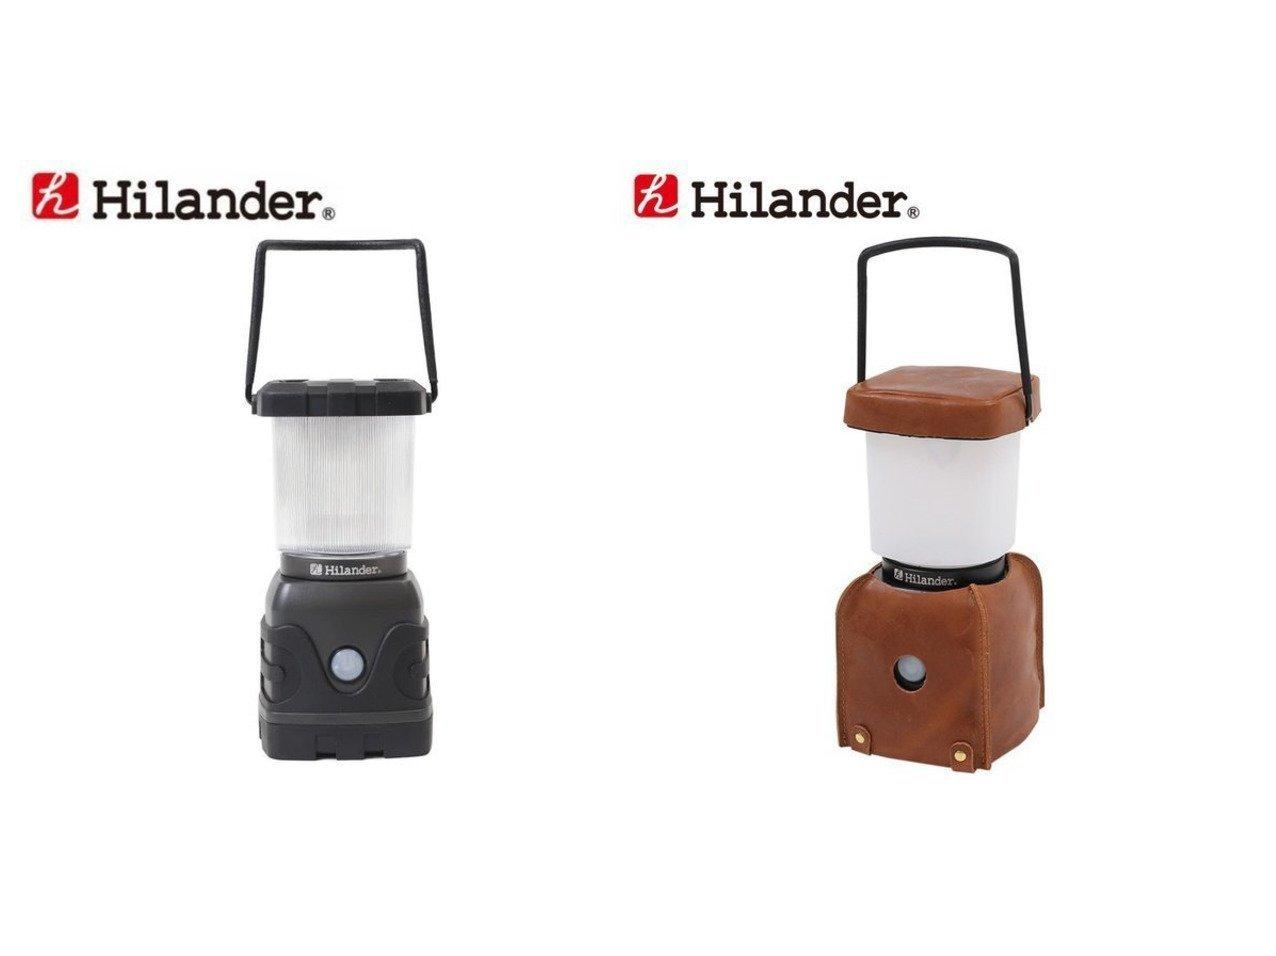 【Hilander/ハイランダー】の1100ルーメンLEDランタン 単一電池式&LEDランタン用 レザーカバー 【LEDランタン お家時間】おすすめ!人気キャンプ・アウトドア用品の通販 おすすめで人気の流行・トレンド、ファッションの通販商品 インテリア・家具・メンズファッション・キッズファッション・レディースファッション・服の通販 founy(ファニー) https://founy.com/ アウトドア アクセサリー コンパクト 日本製 Made in Japan ホーム・キャンプ・アウトドア Home,Garden,Outdoor,Camping Gear キャンプ用品・アウトドア  Camping Gear & Outdoor Supplies ランタン ライト Lantern, Light |ID:crp329100000053686